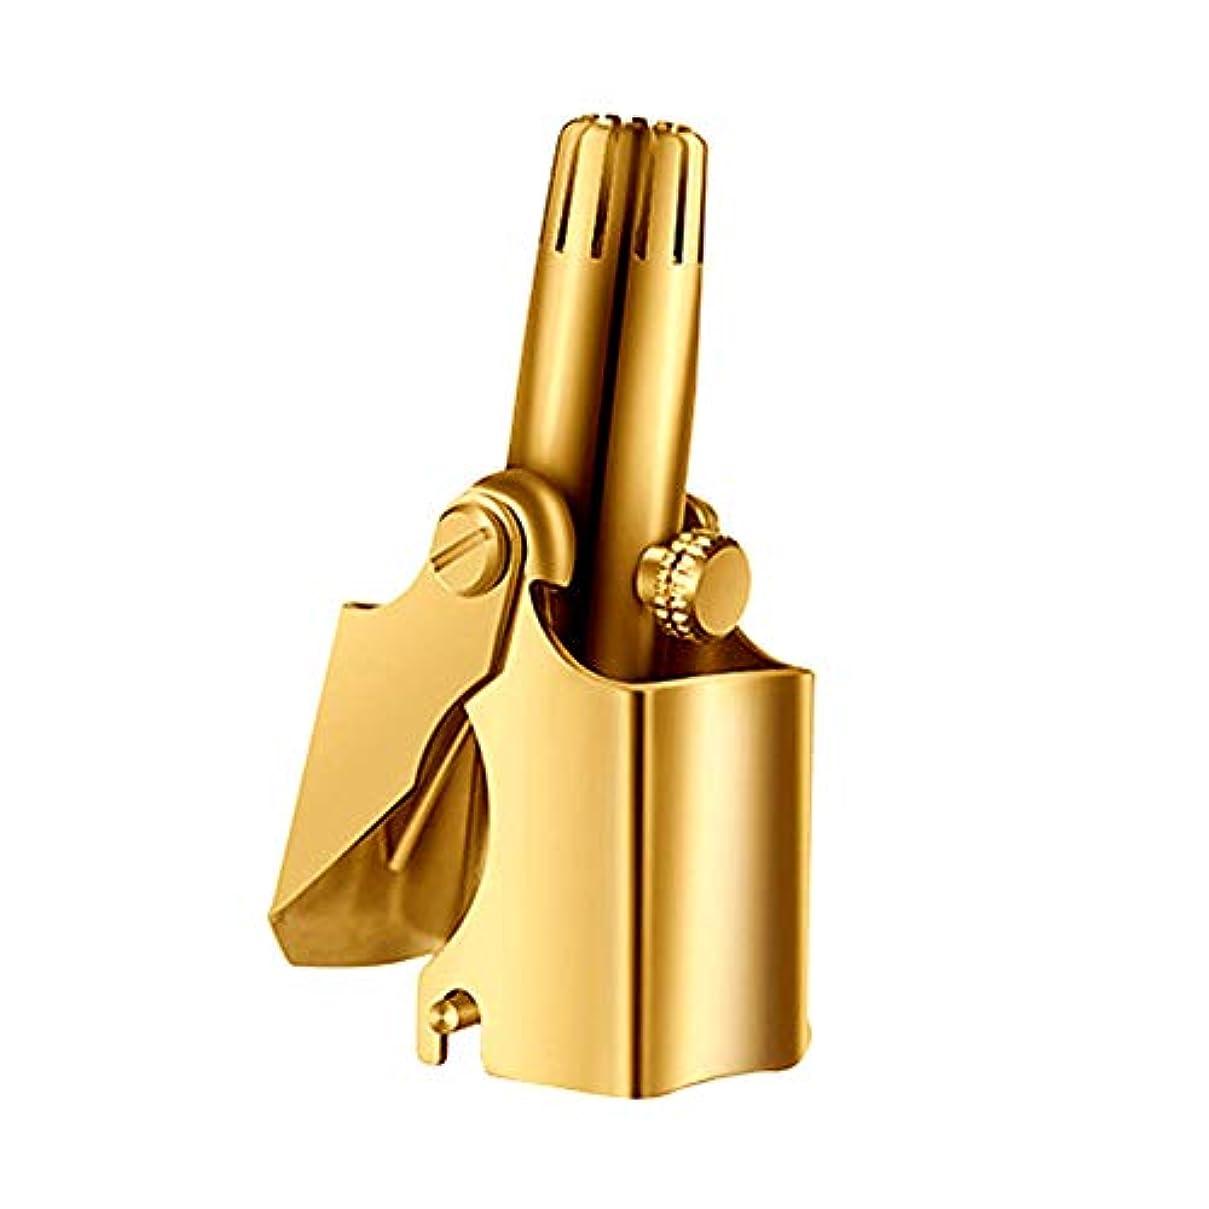 時々時々ガードアプライアンス手動鼻毛カッター簡単 電池不要エチケットカッター鼻腔を傷つけない持ち運び簡単 お手入れ掃除ブラシ,ゴールド